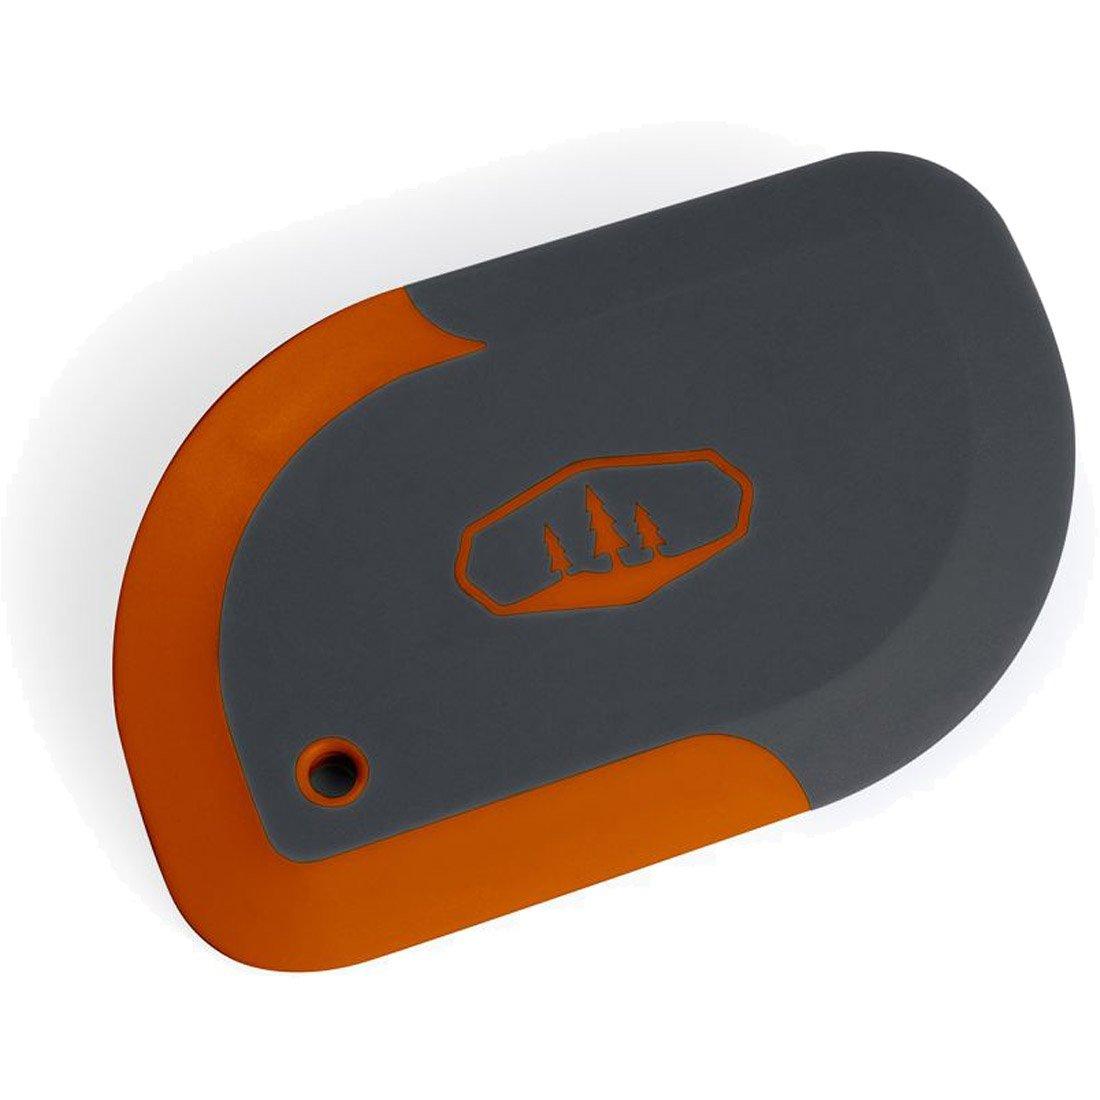 מגרד קומפקטי לשטח - Compact Scraper - GSI